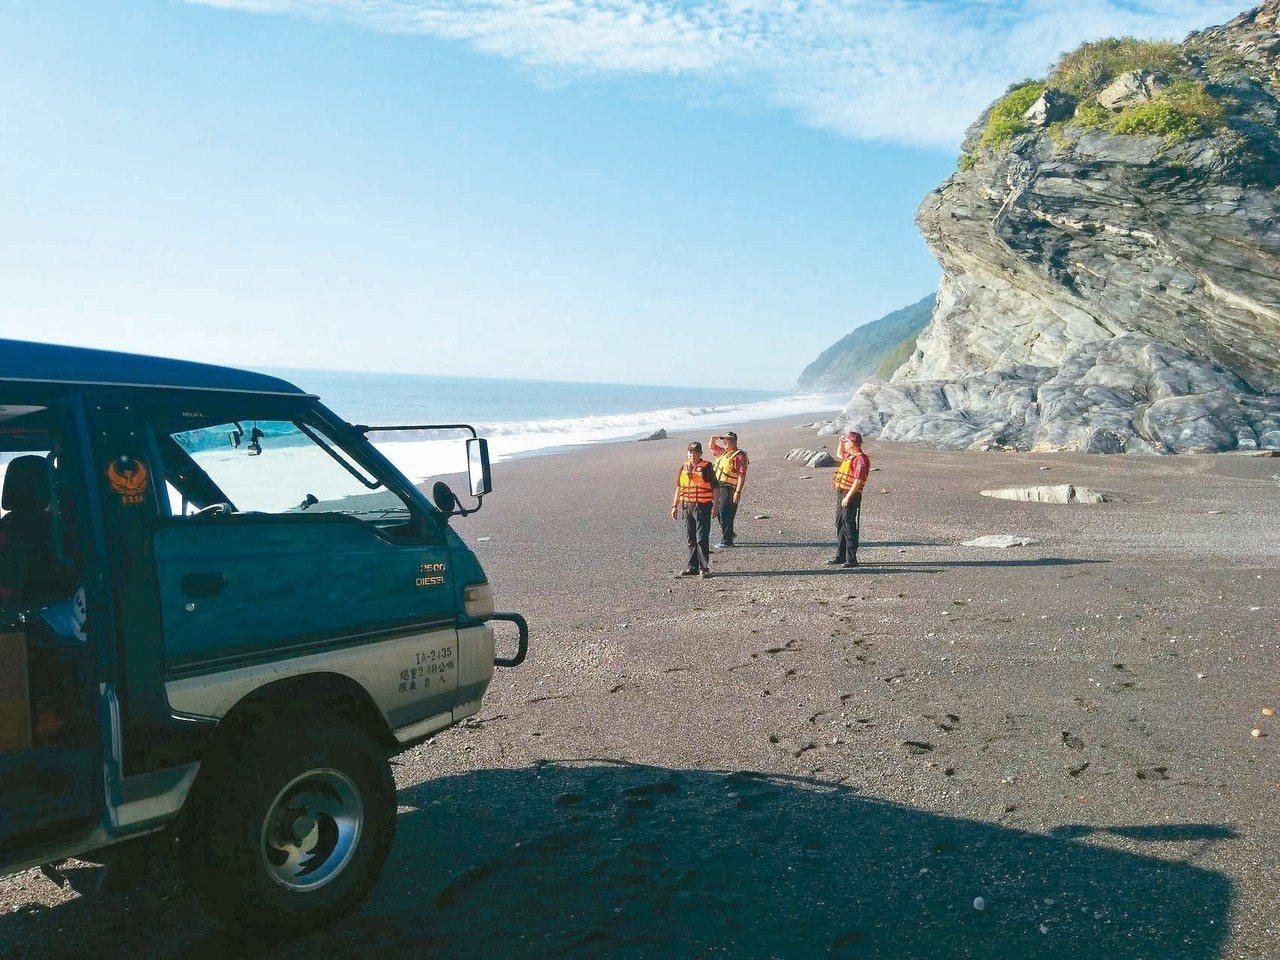 宜蘭縣政府今拉封鎖線,禁止遊客進入神祕沙灘十天。 圖/宜蘭縣消防局提供